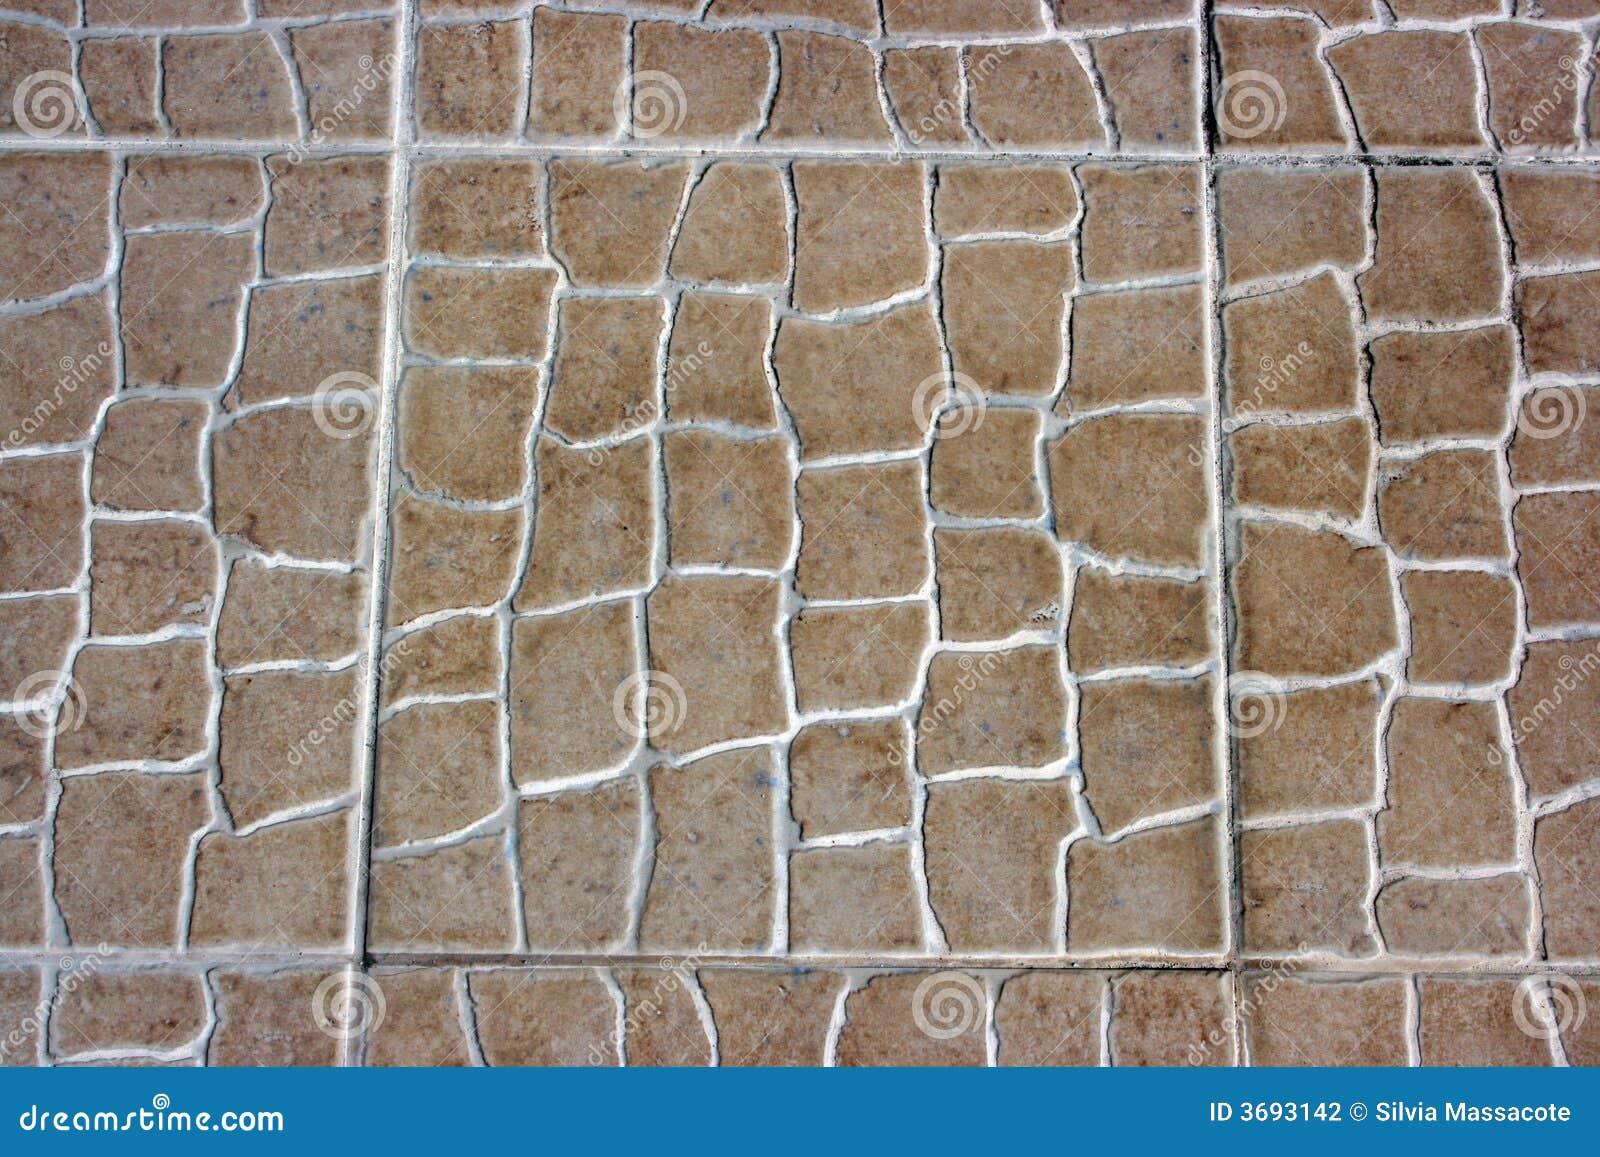 Textura del suelo o de la pared de la baldosa cer mica for Textura baldosa